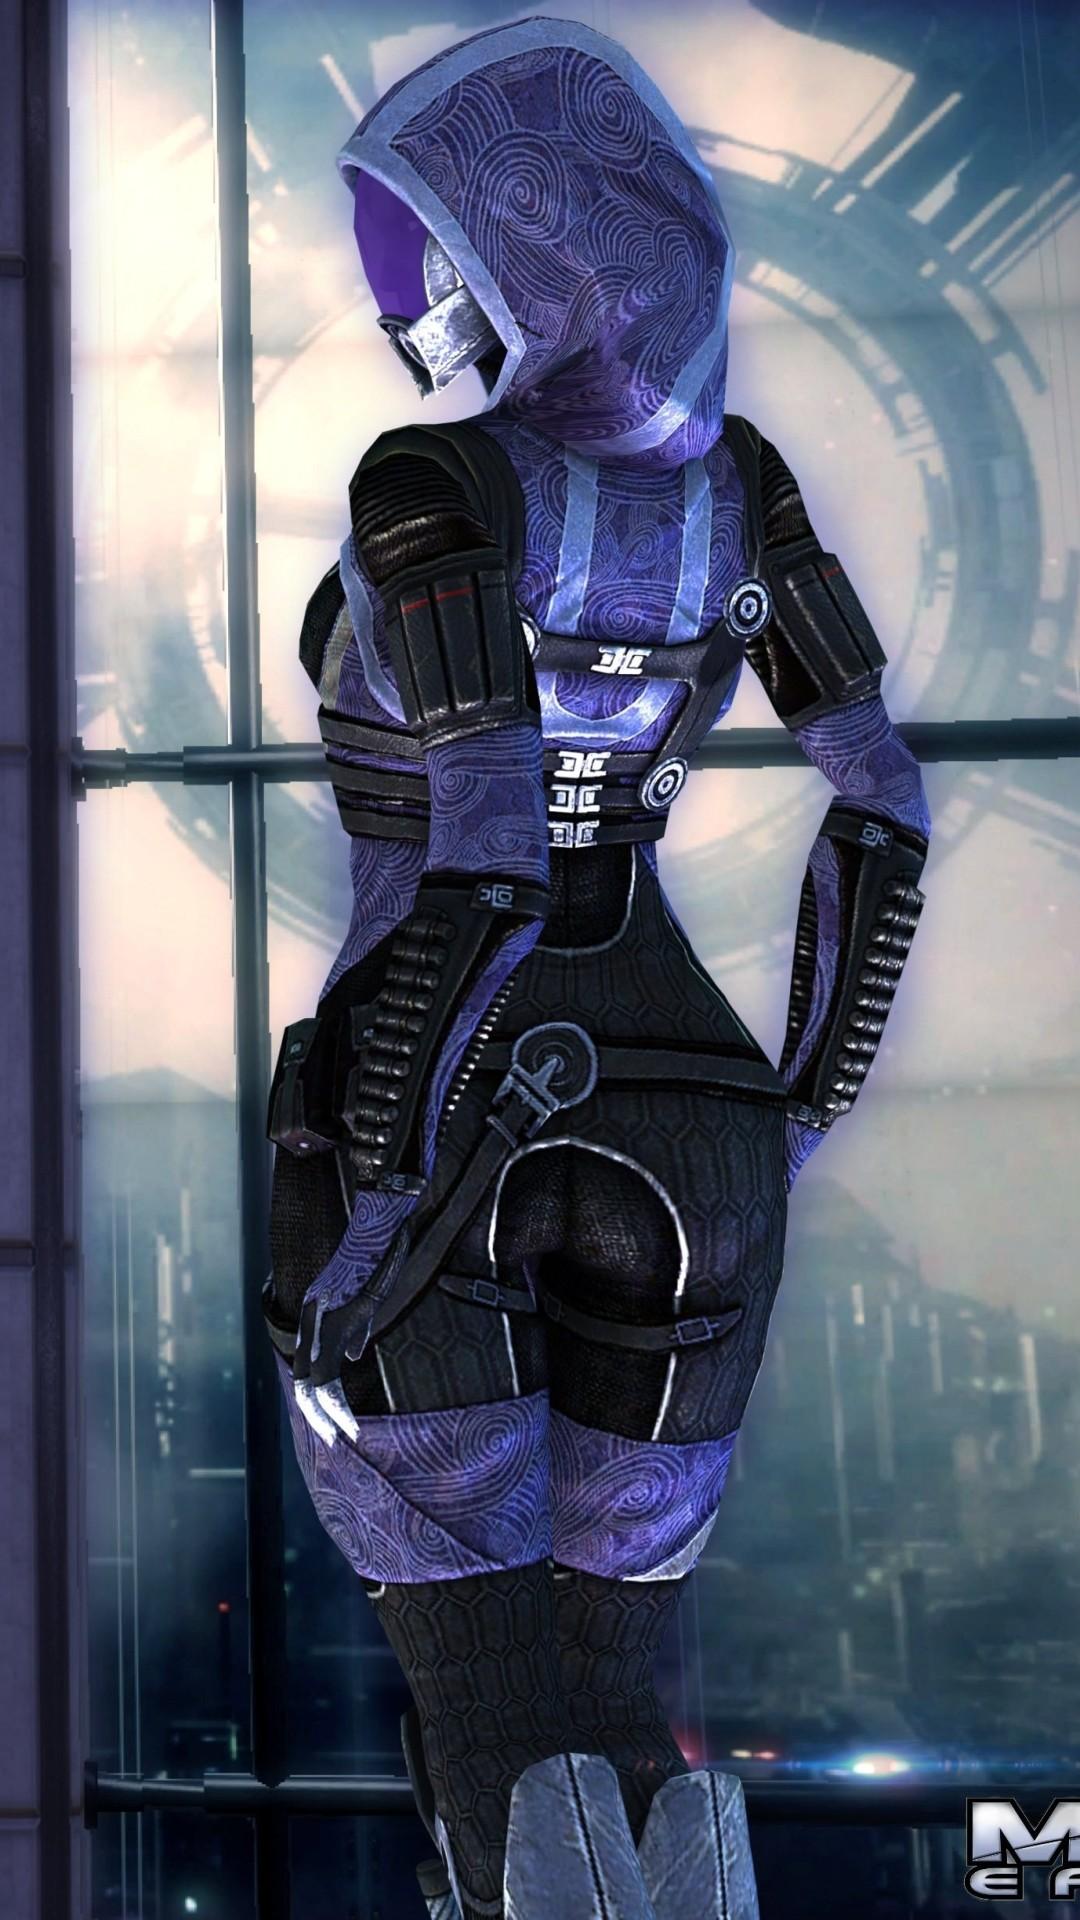 Mass Effect Tali Wallpaper HD Resolution : Game Wallpaper .